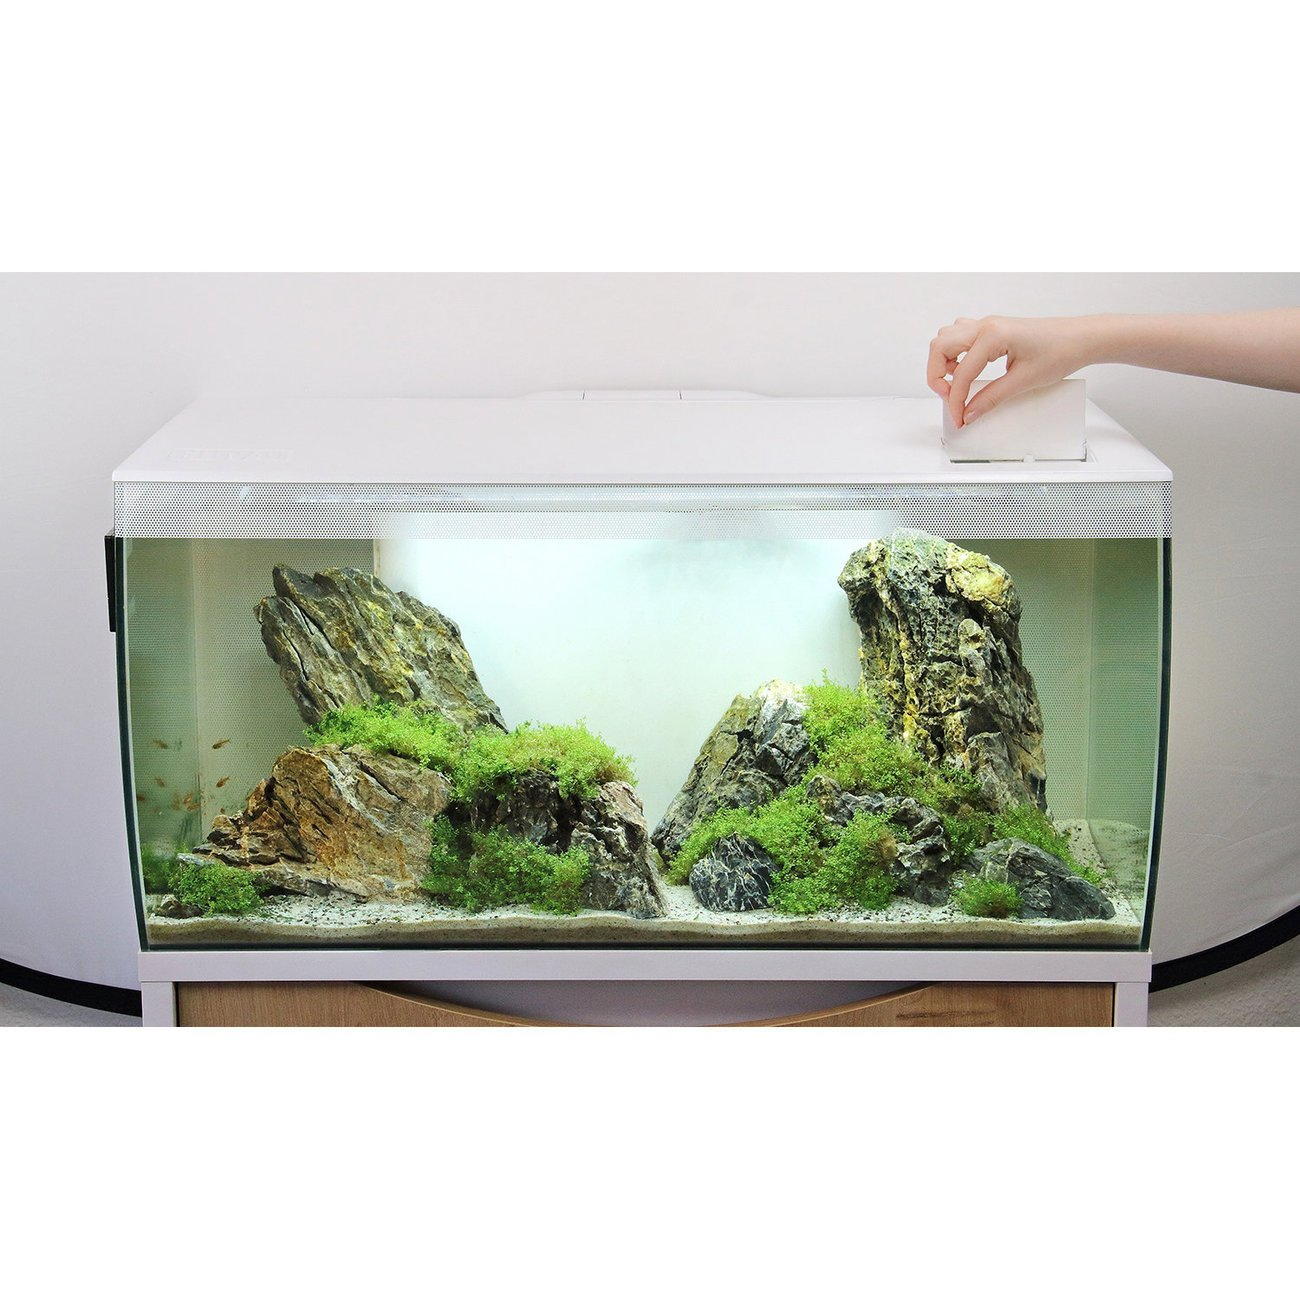 Fluval Flex 123 Liter Aquarium Bild 12